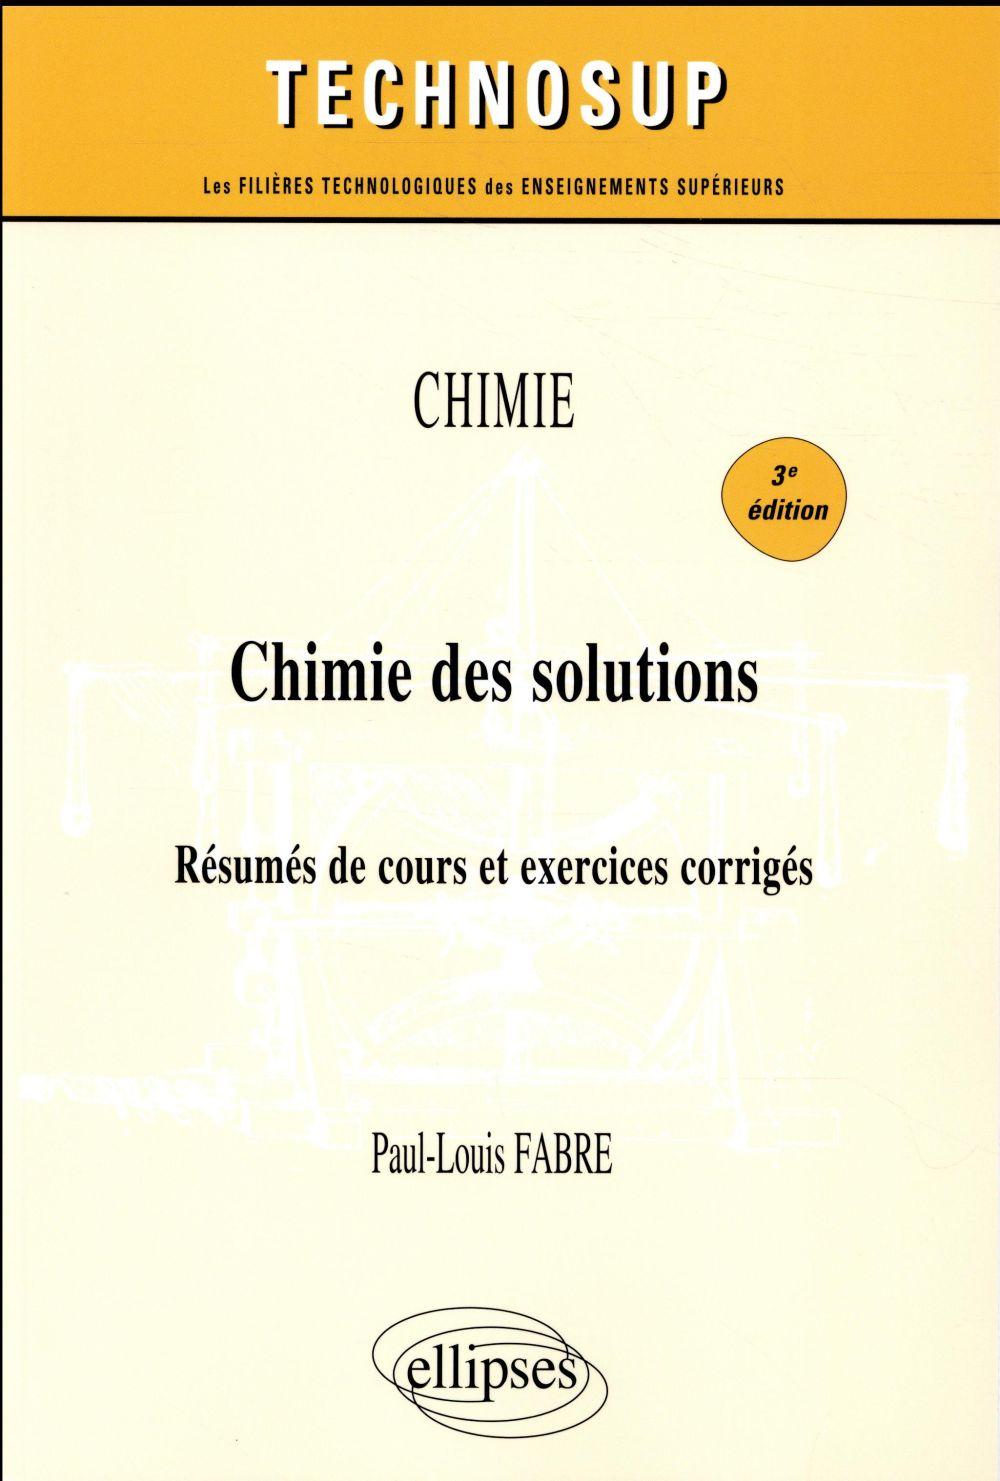 CHIMIE CHIMIE DES SOLUTIONS RESUMES DE COURS ET EXERCICES CORRIGES 3EME EDITION